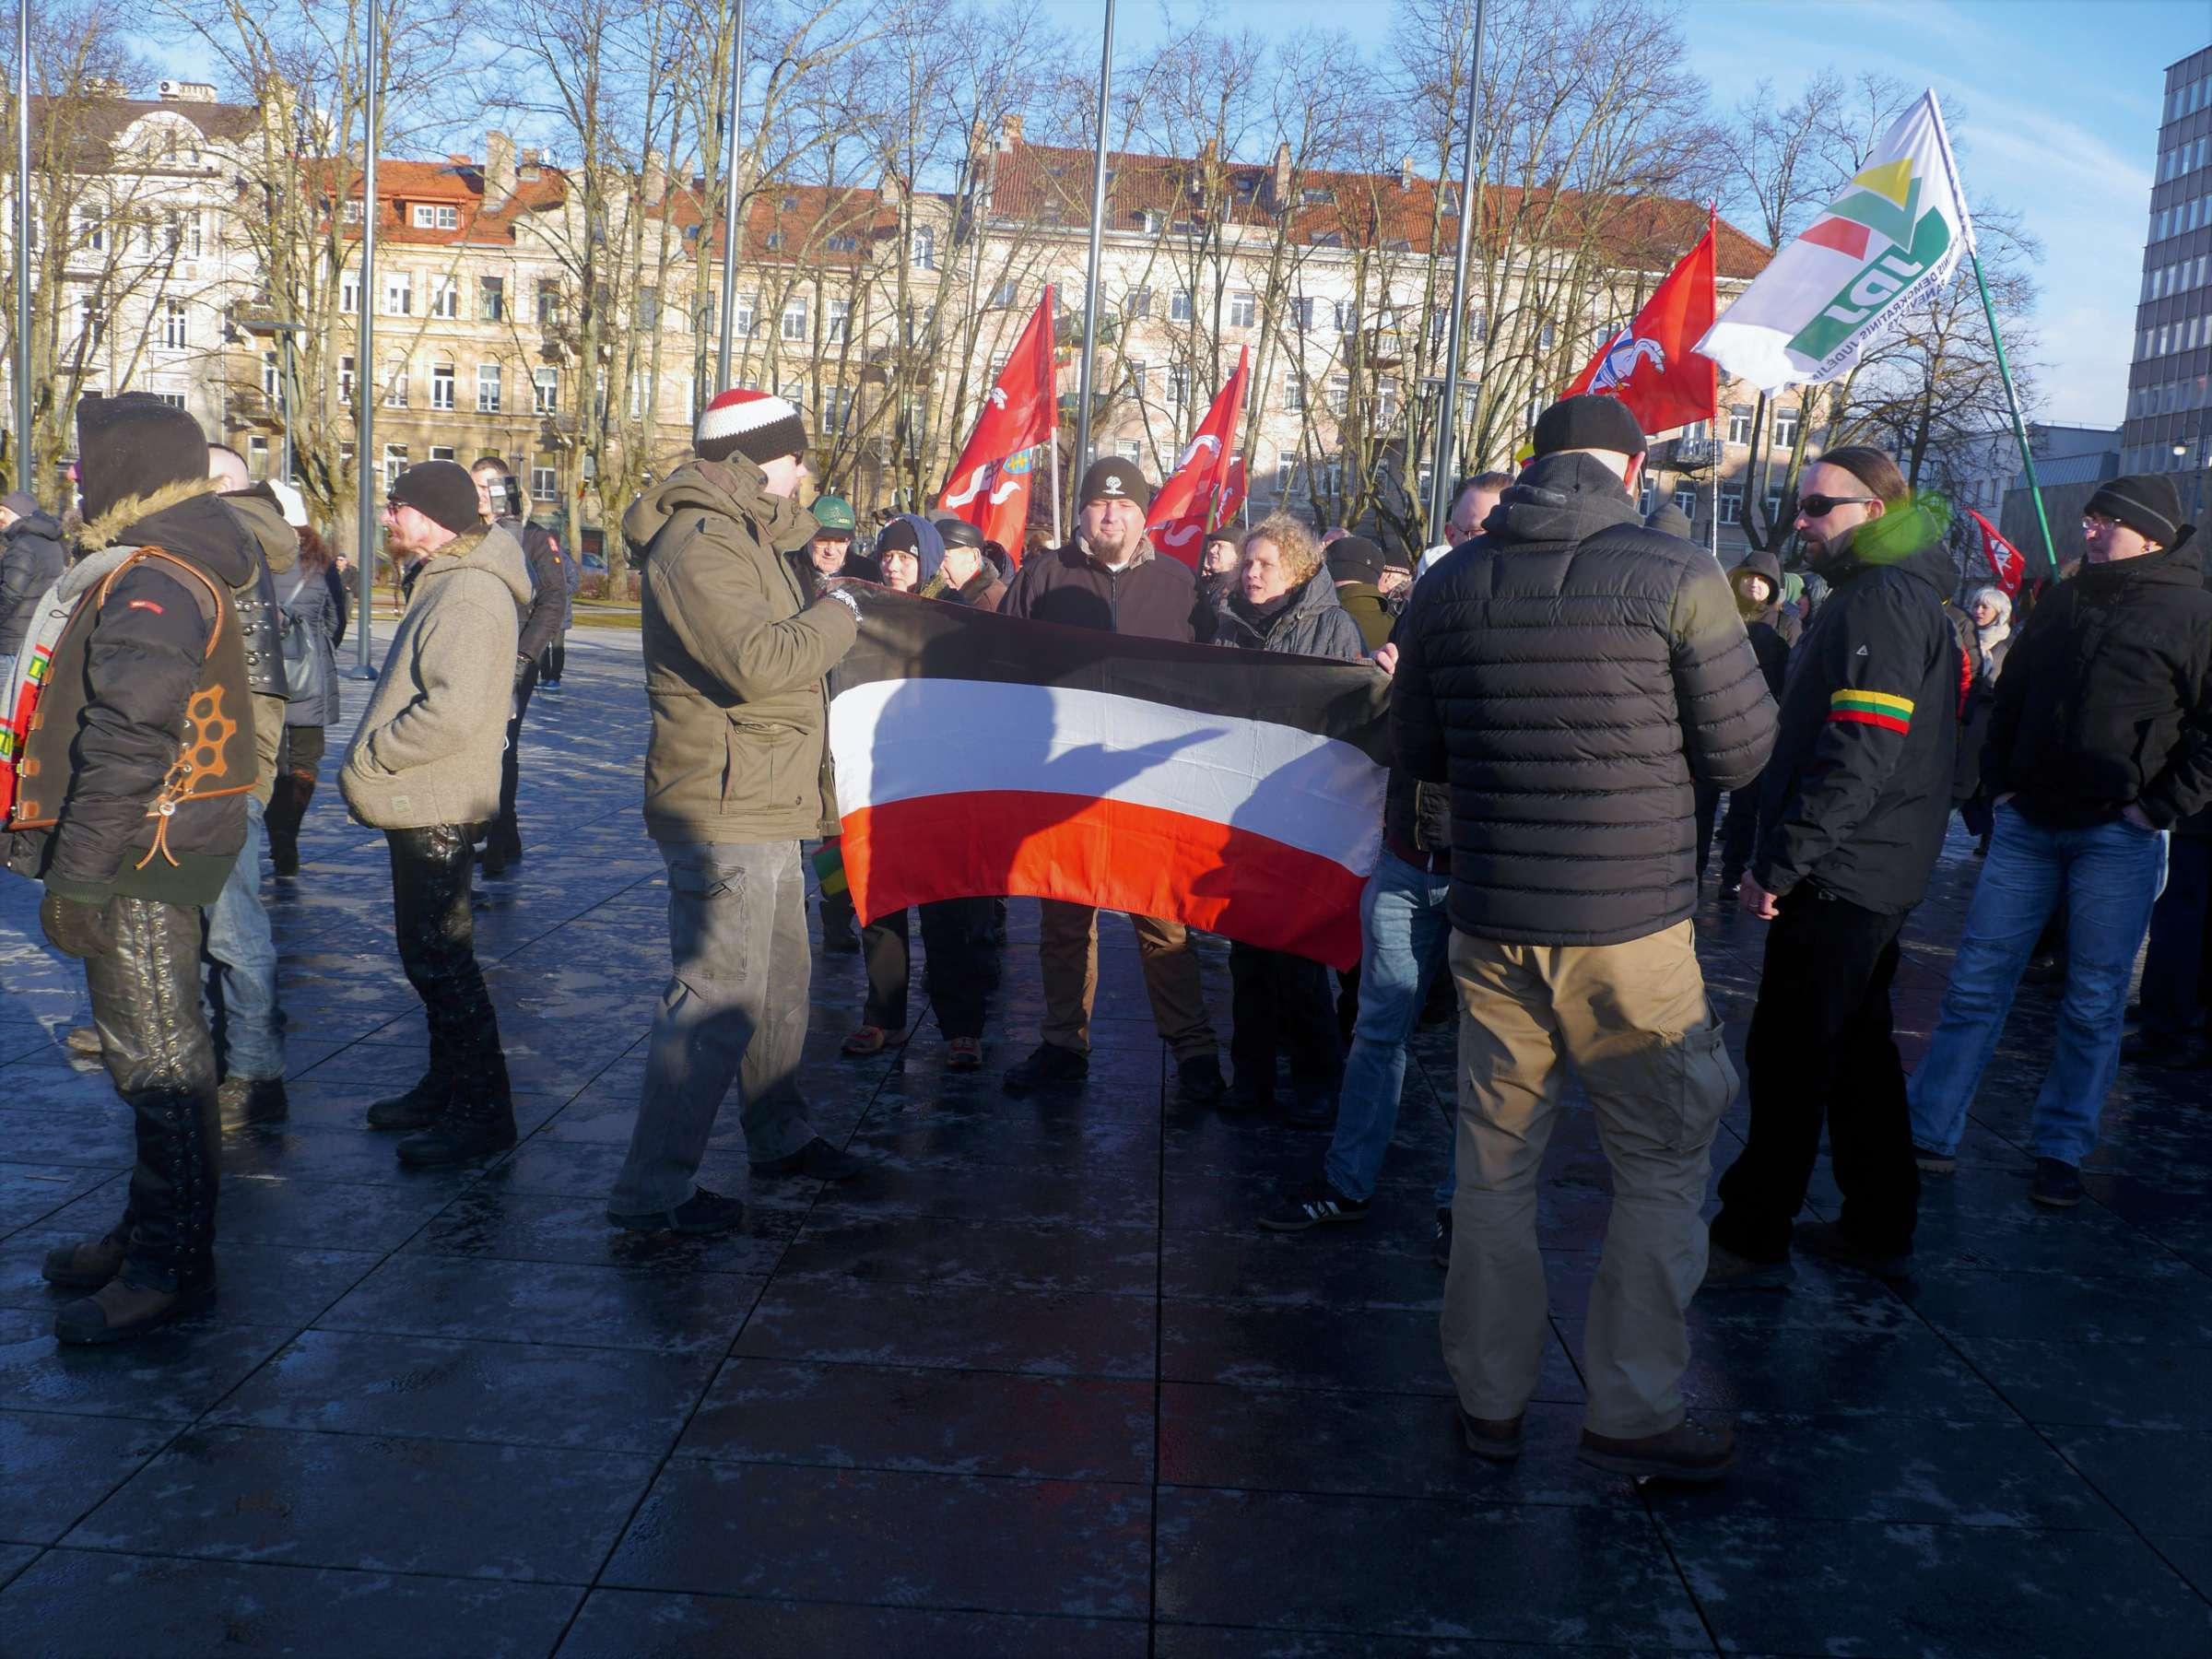 Prieky mūsų kažkokie užsieniečiai laiko nematytą vėliavą: juoda-balta-raudona | Alkas.lt, J. Vaiškūno nuotr.